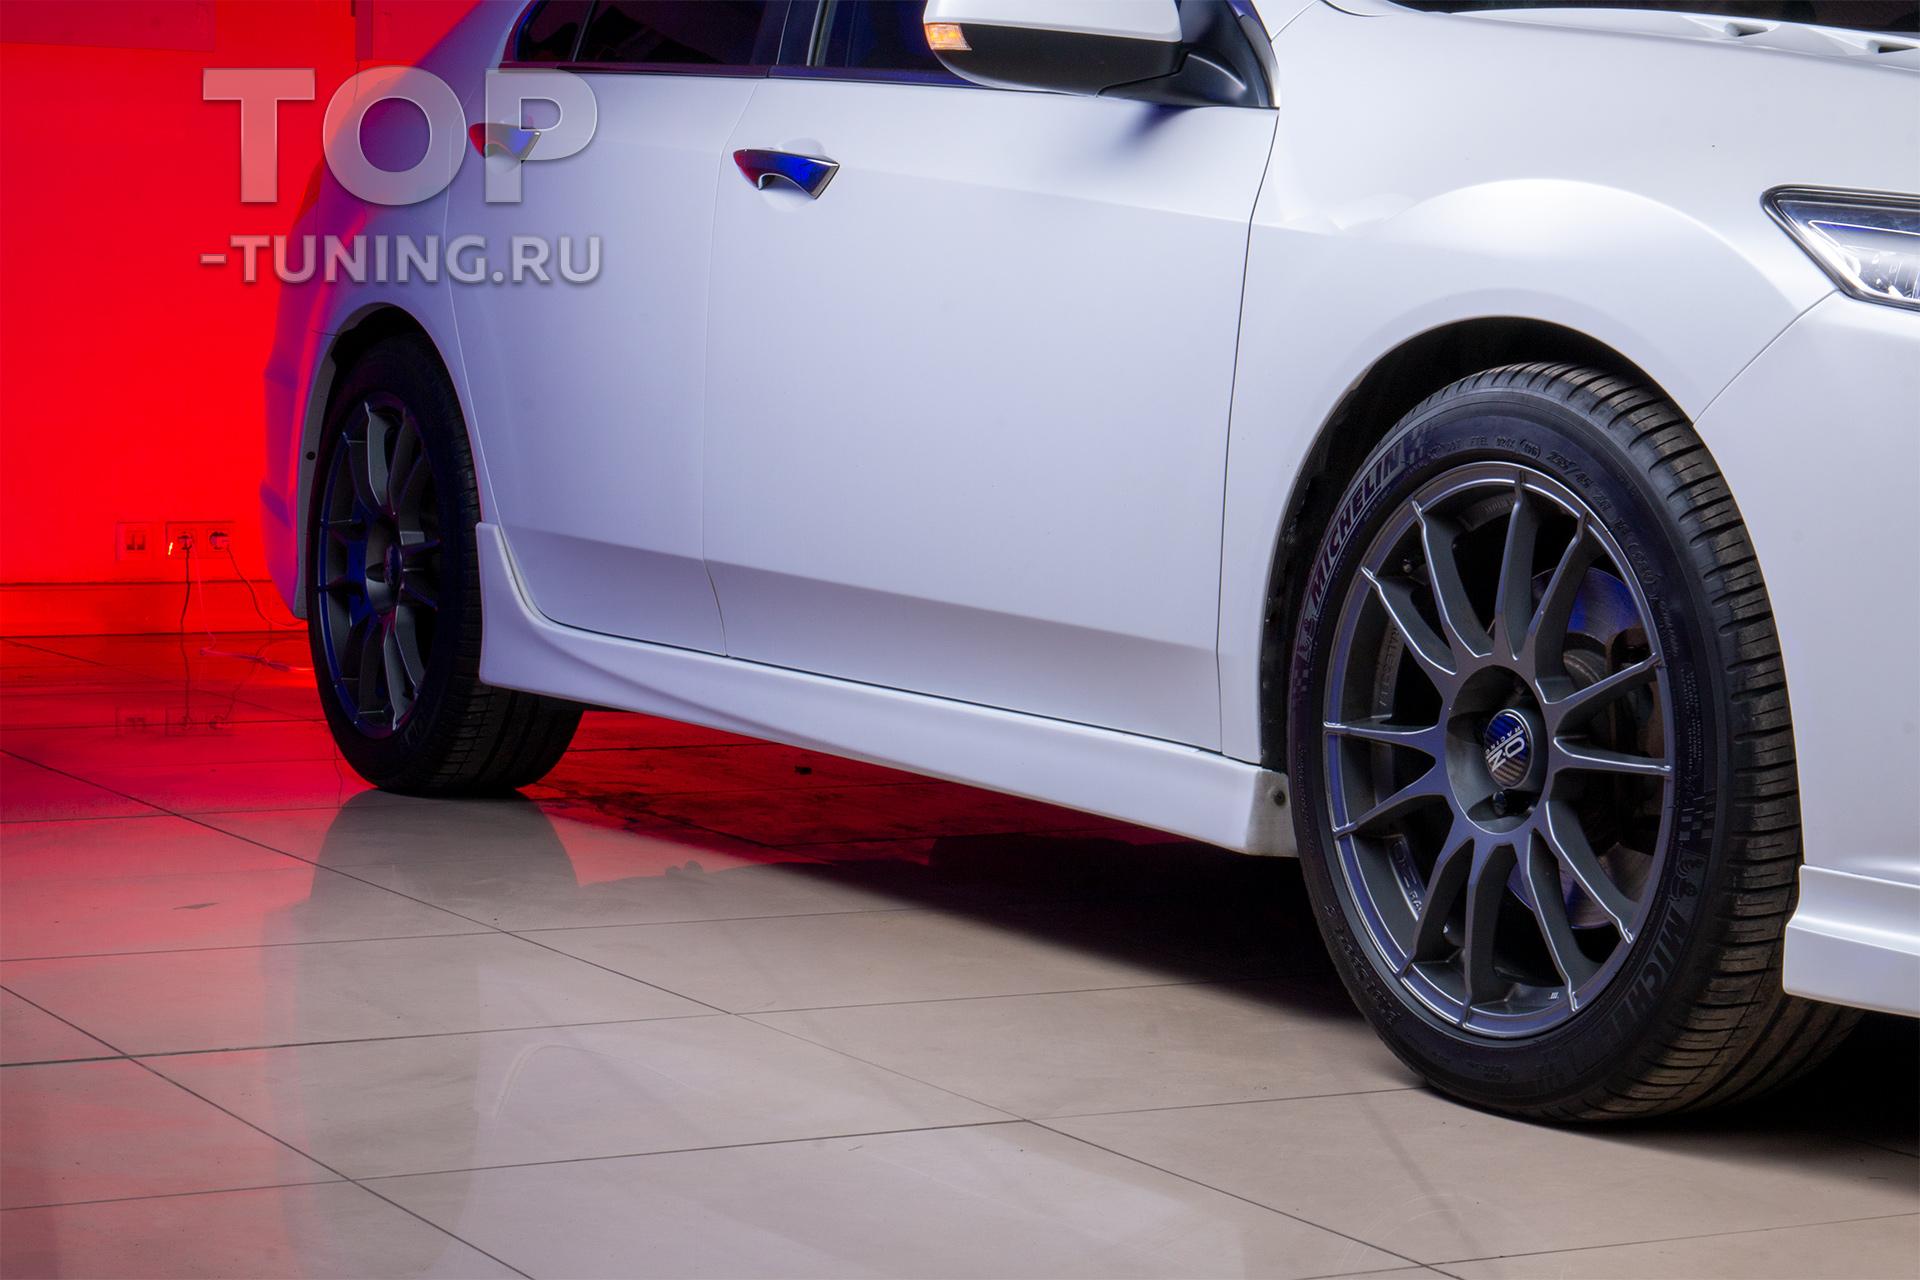 Тюнинг Хонда Аккорд 8 - Накладки на пороги - Обвес TYPE S